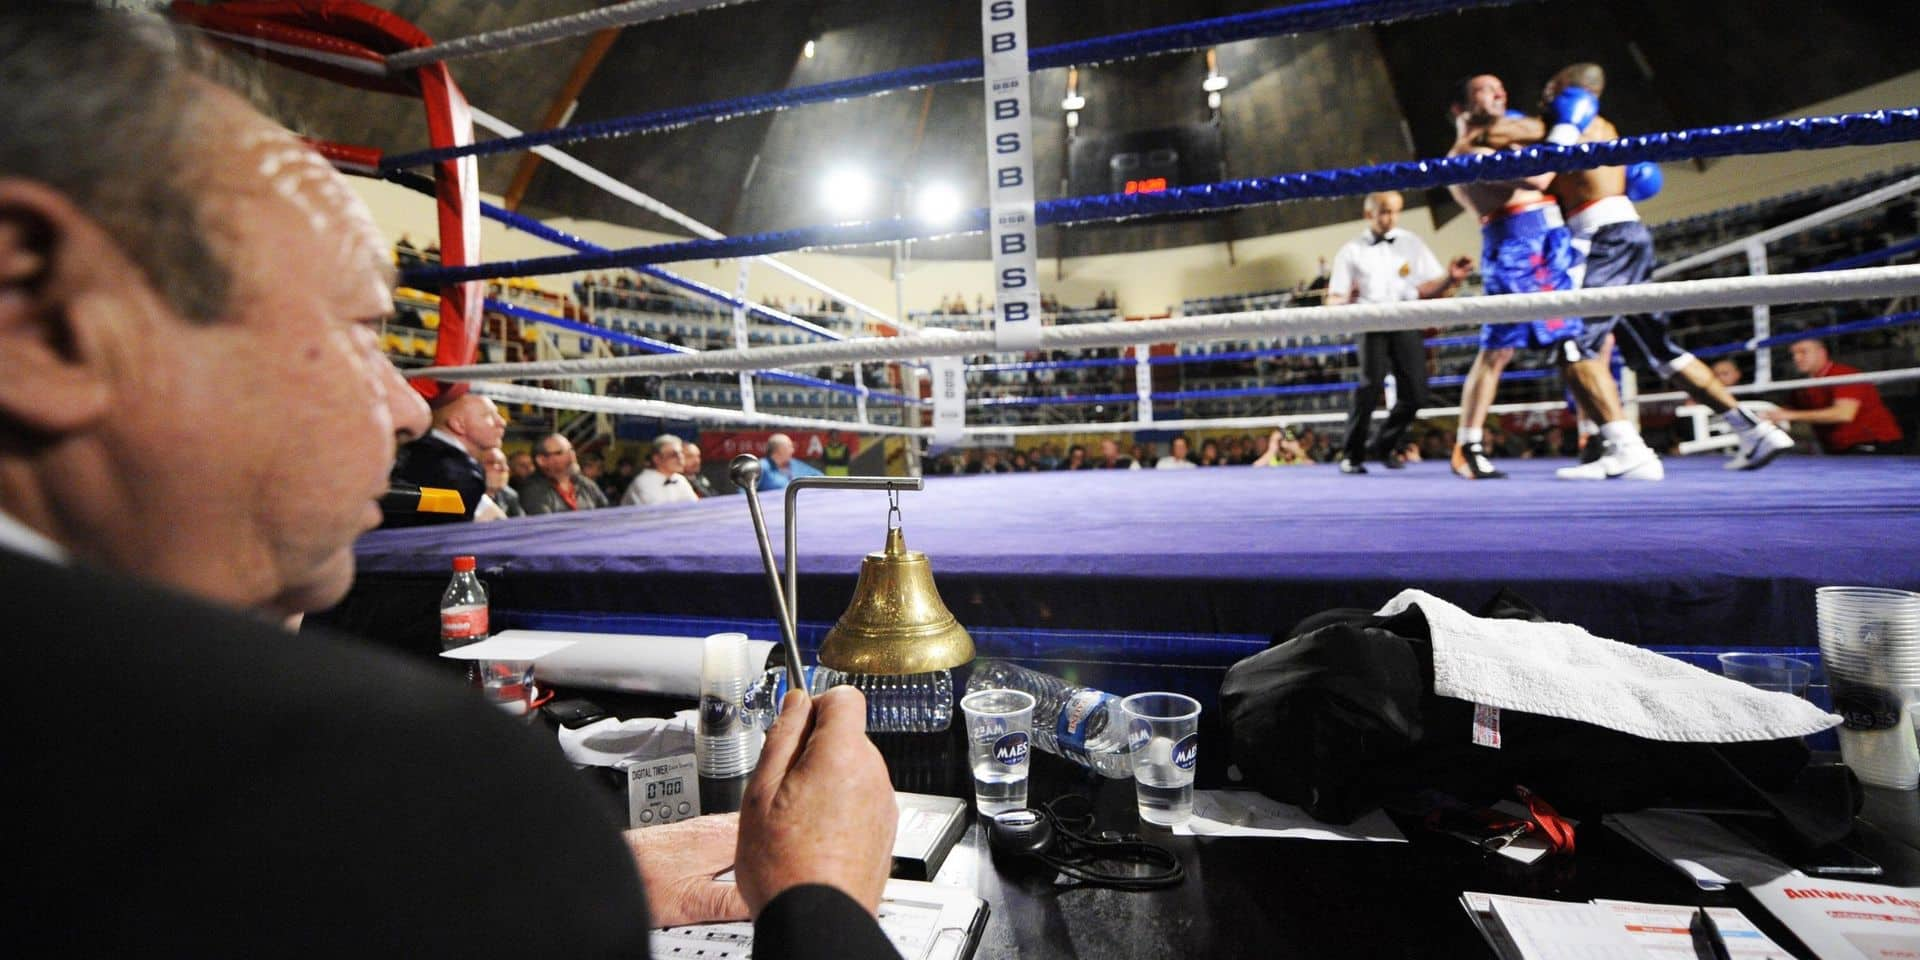 Arrestation et inculpation d'un entraîneur à Enghien : la Royale Fédération Belge de boxe réagit